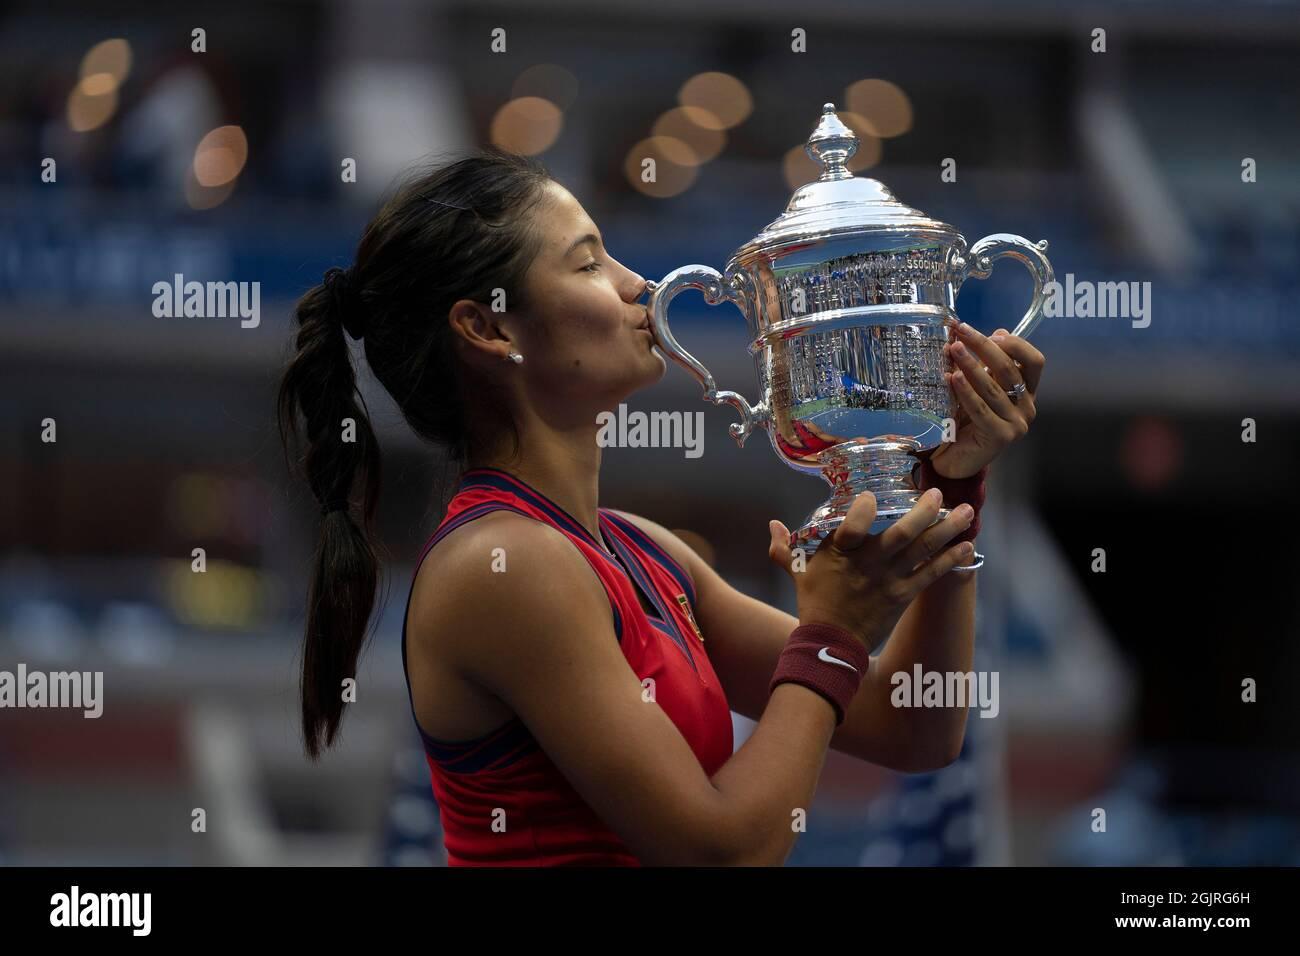 New York, USA, 11 Settembre, 2021 Emma Raducanu (GBR) celebra la vittoria della finale femminile dei singoli contro Leylah Fernandez (CAN) e si pone con il trofeo il giorno 13 al 2021 US Open Credit: Susan Mullane Credit: Susan Mullane/Alamy Live News Foto Stock